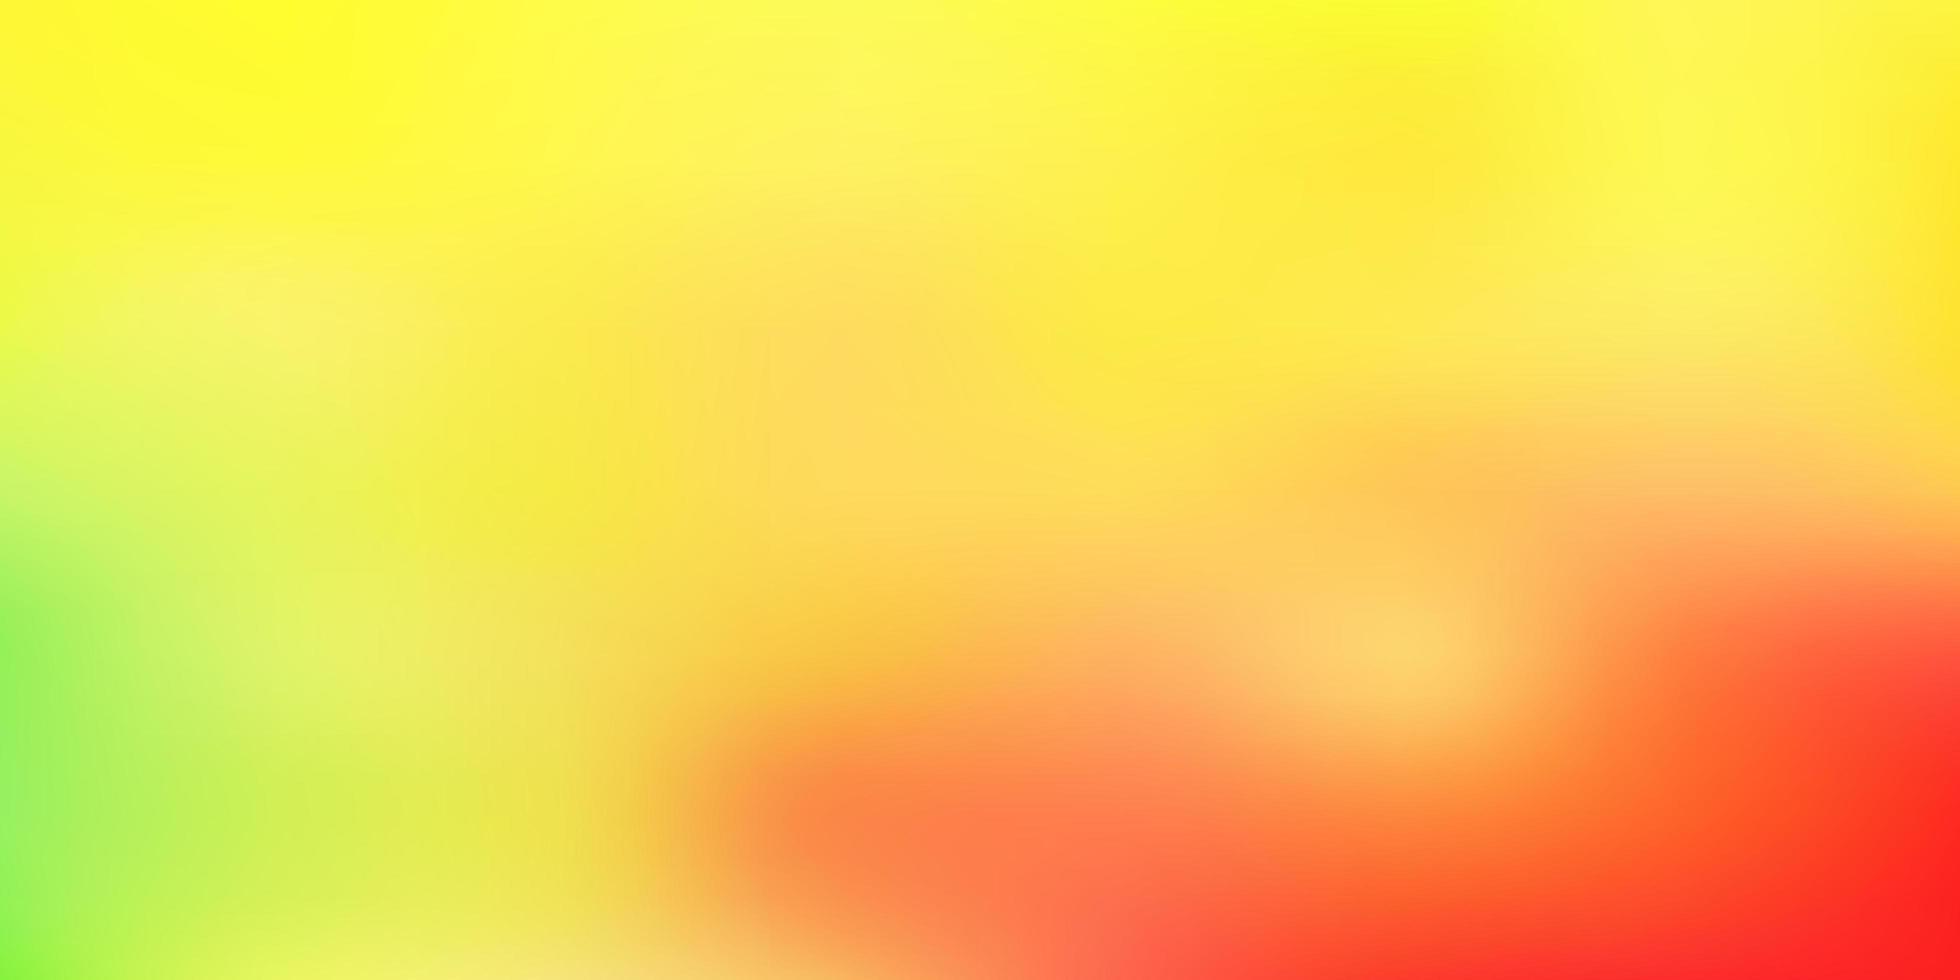 ljusröd, gul vektor oskärpa mall.